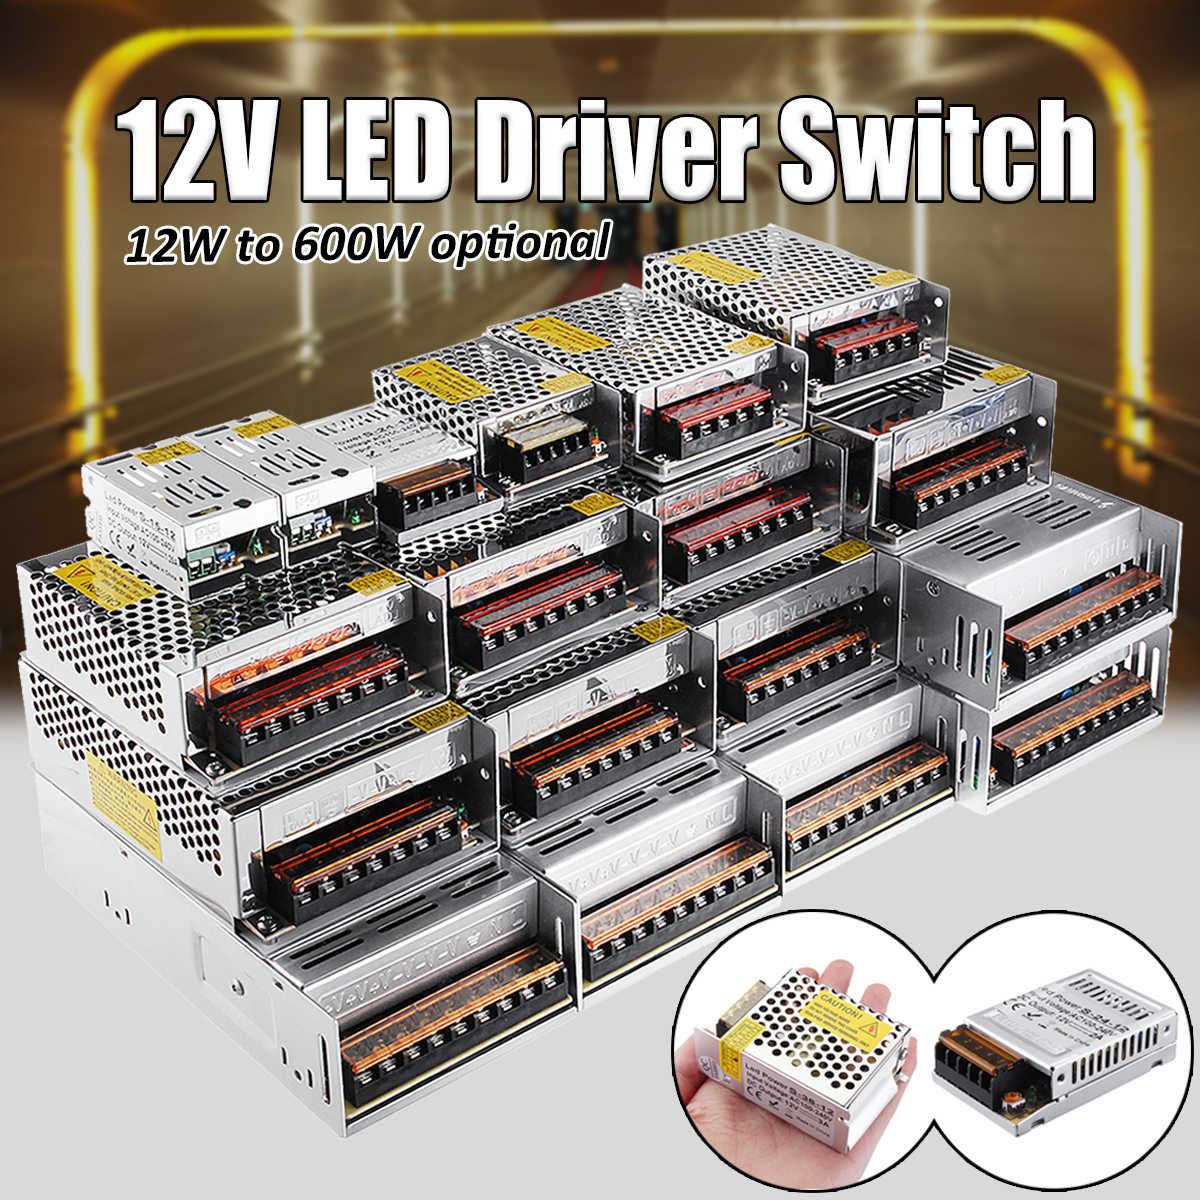 12 V 12/15/24/36/48/60/72/100/120/150/180/200/240/300/400 W импульсный источник Питание драйвер для Светодиодные ленты светодиодный адаптер